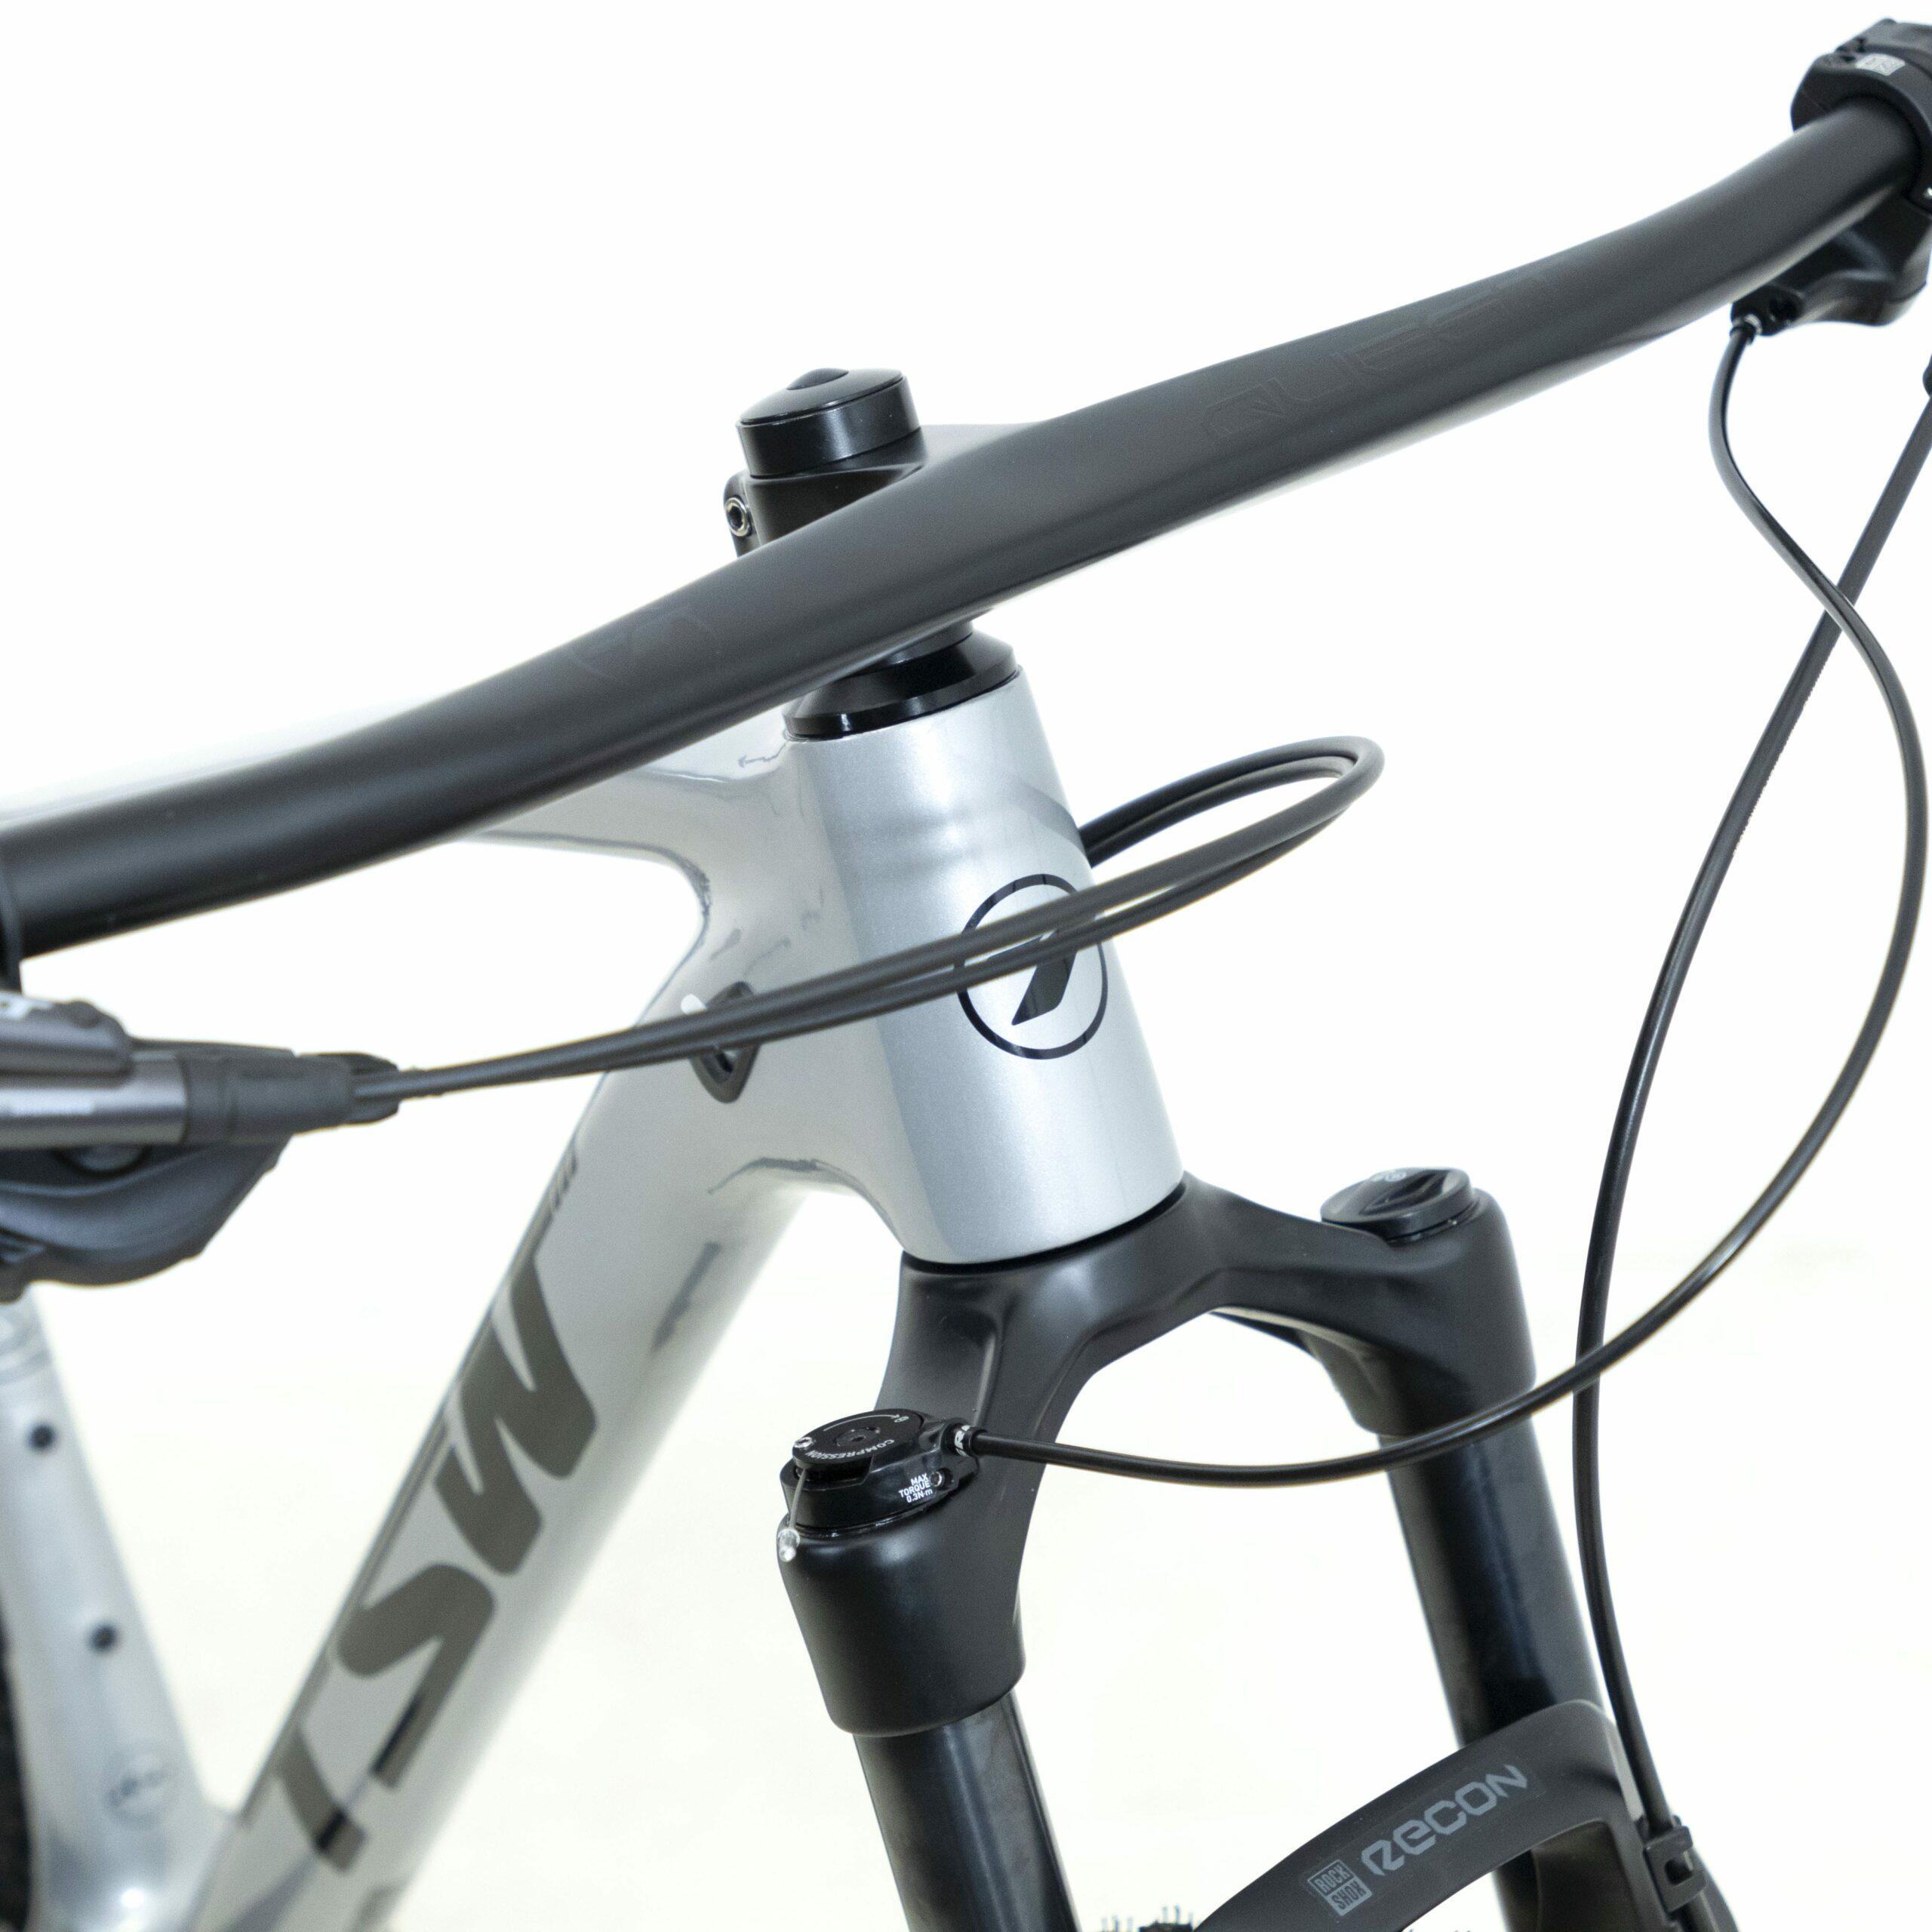 Bicicleta TSW Evo Quest   Advanced-Recon 6